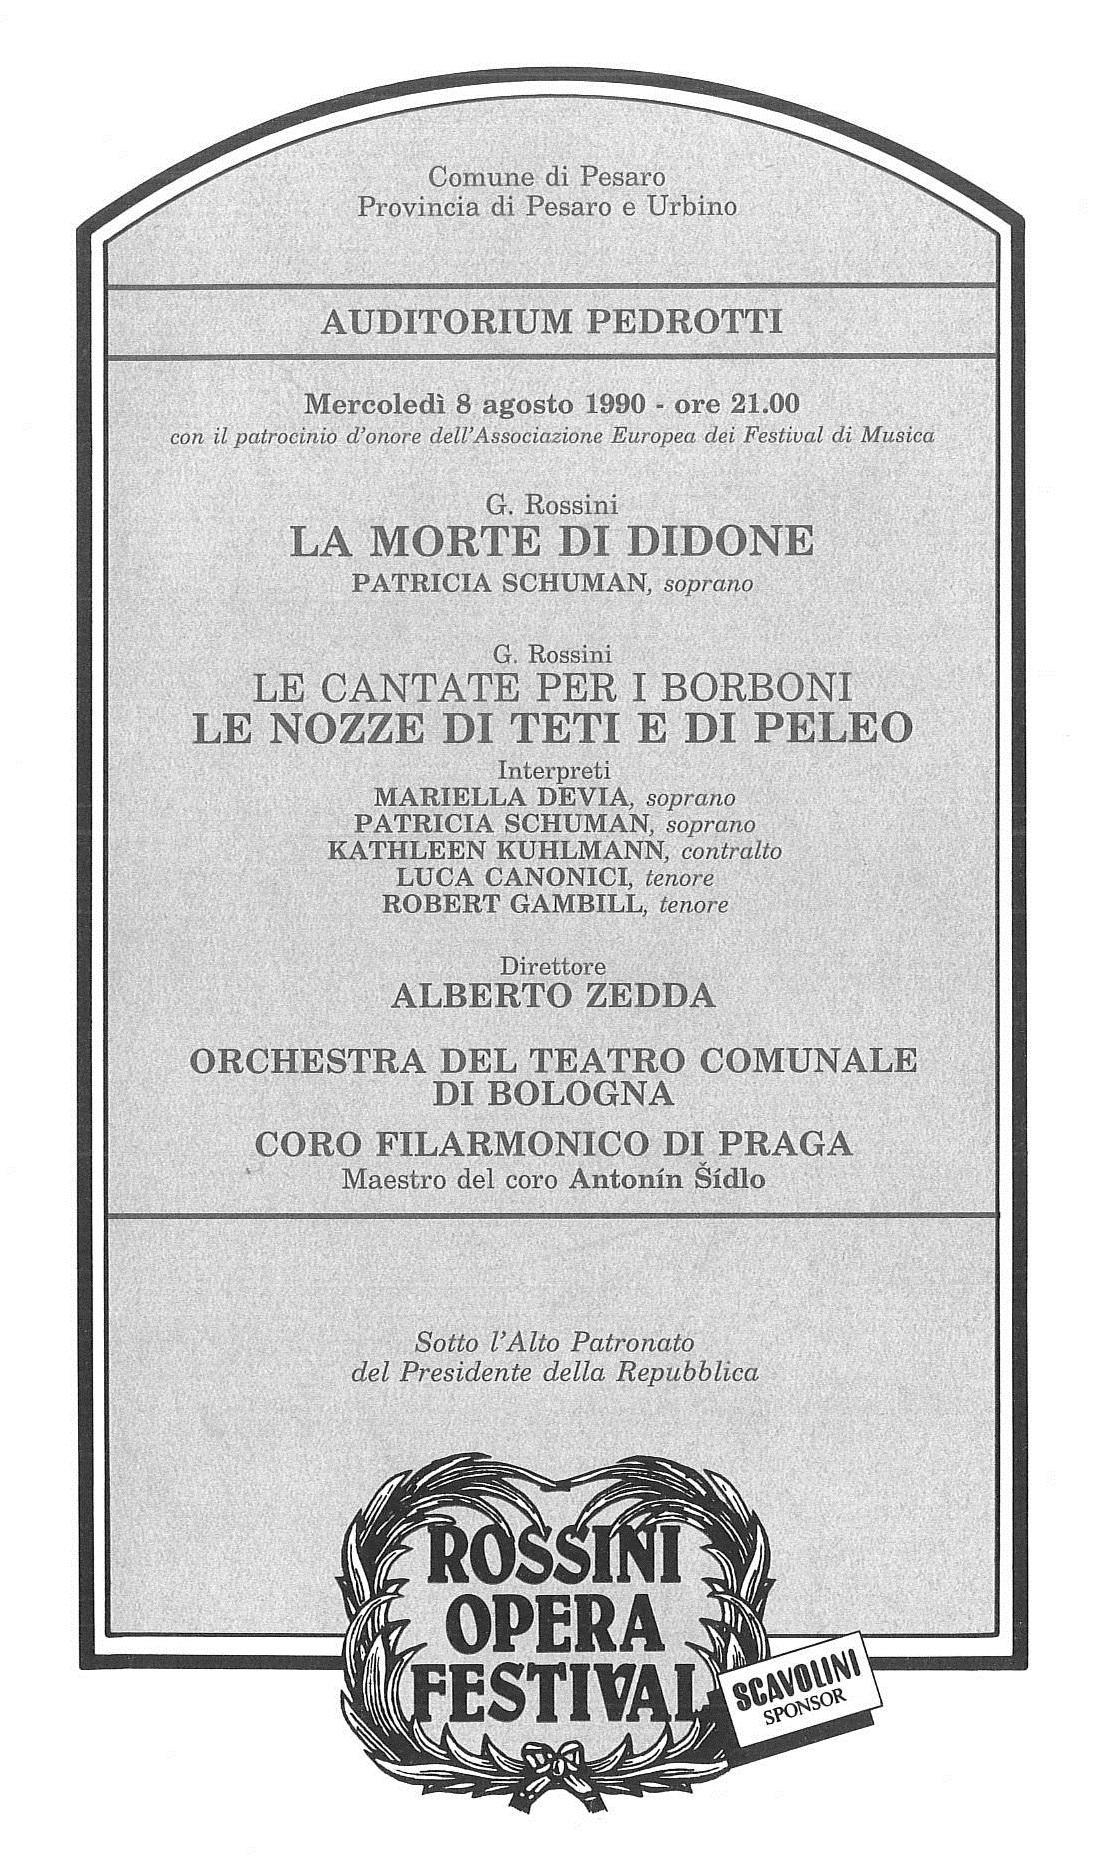 Le cantate per i Borboni_La morte di Didone_Le nozze di Teti, e di Peleo 1990